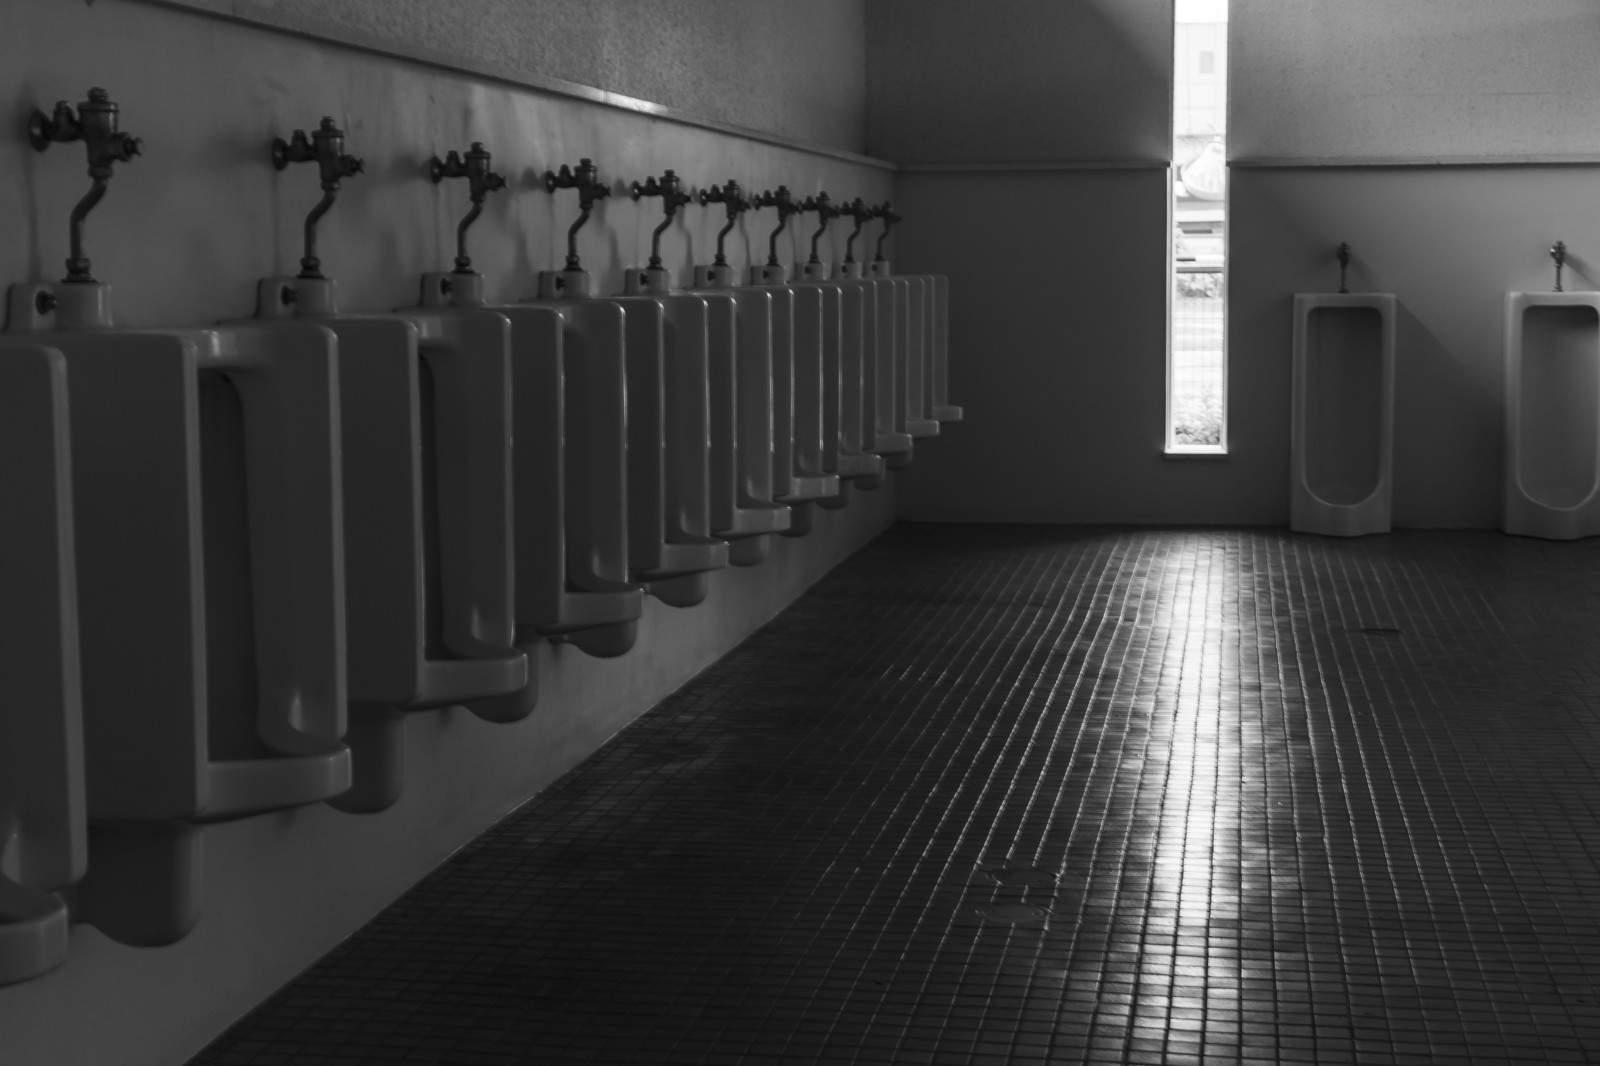 【 短編集】『ベッドの下に』『猛スピード』『トイレのオバサン』|本当にあった怖い話・オカルト・都市伝説